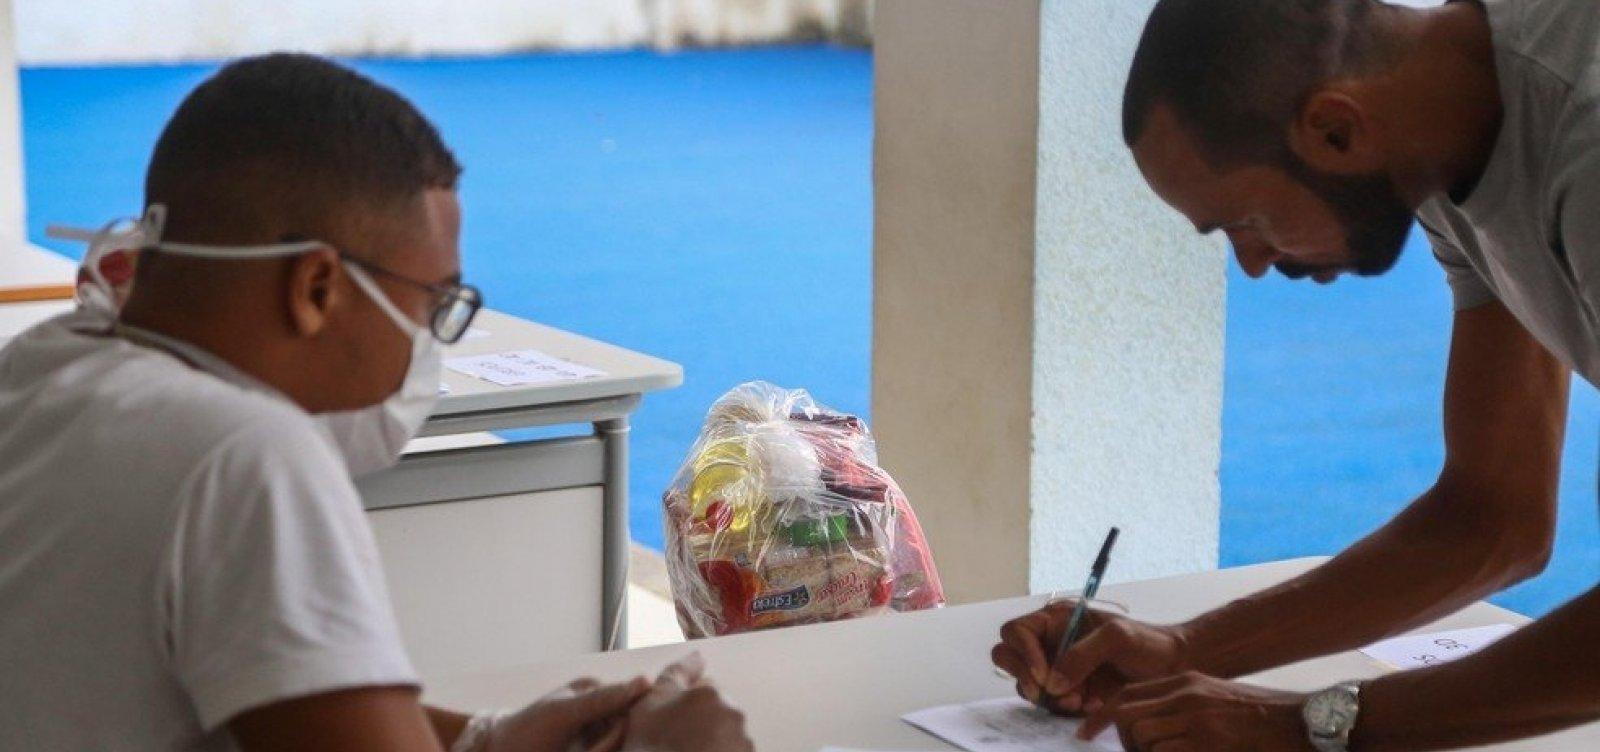 [Prefeitura adia entrega de cestas básicas para rede municipal após antecipação de feriados]